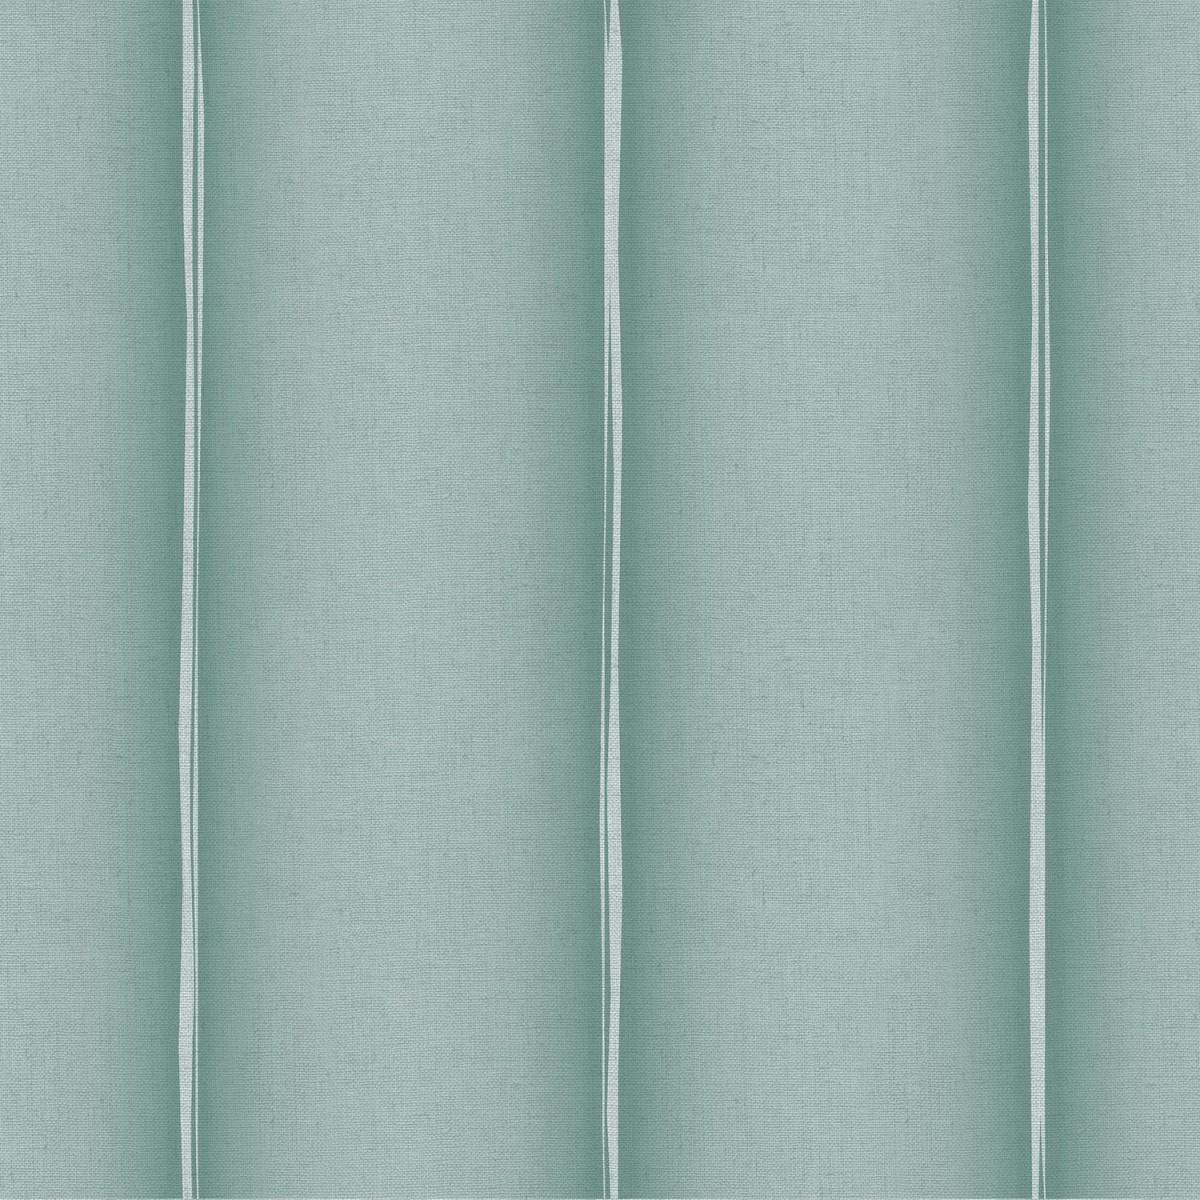 Обои флизелиновые Ich Carribean серые 0.53 м 1056-4